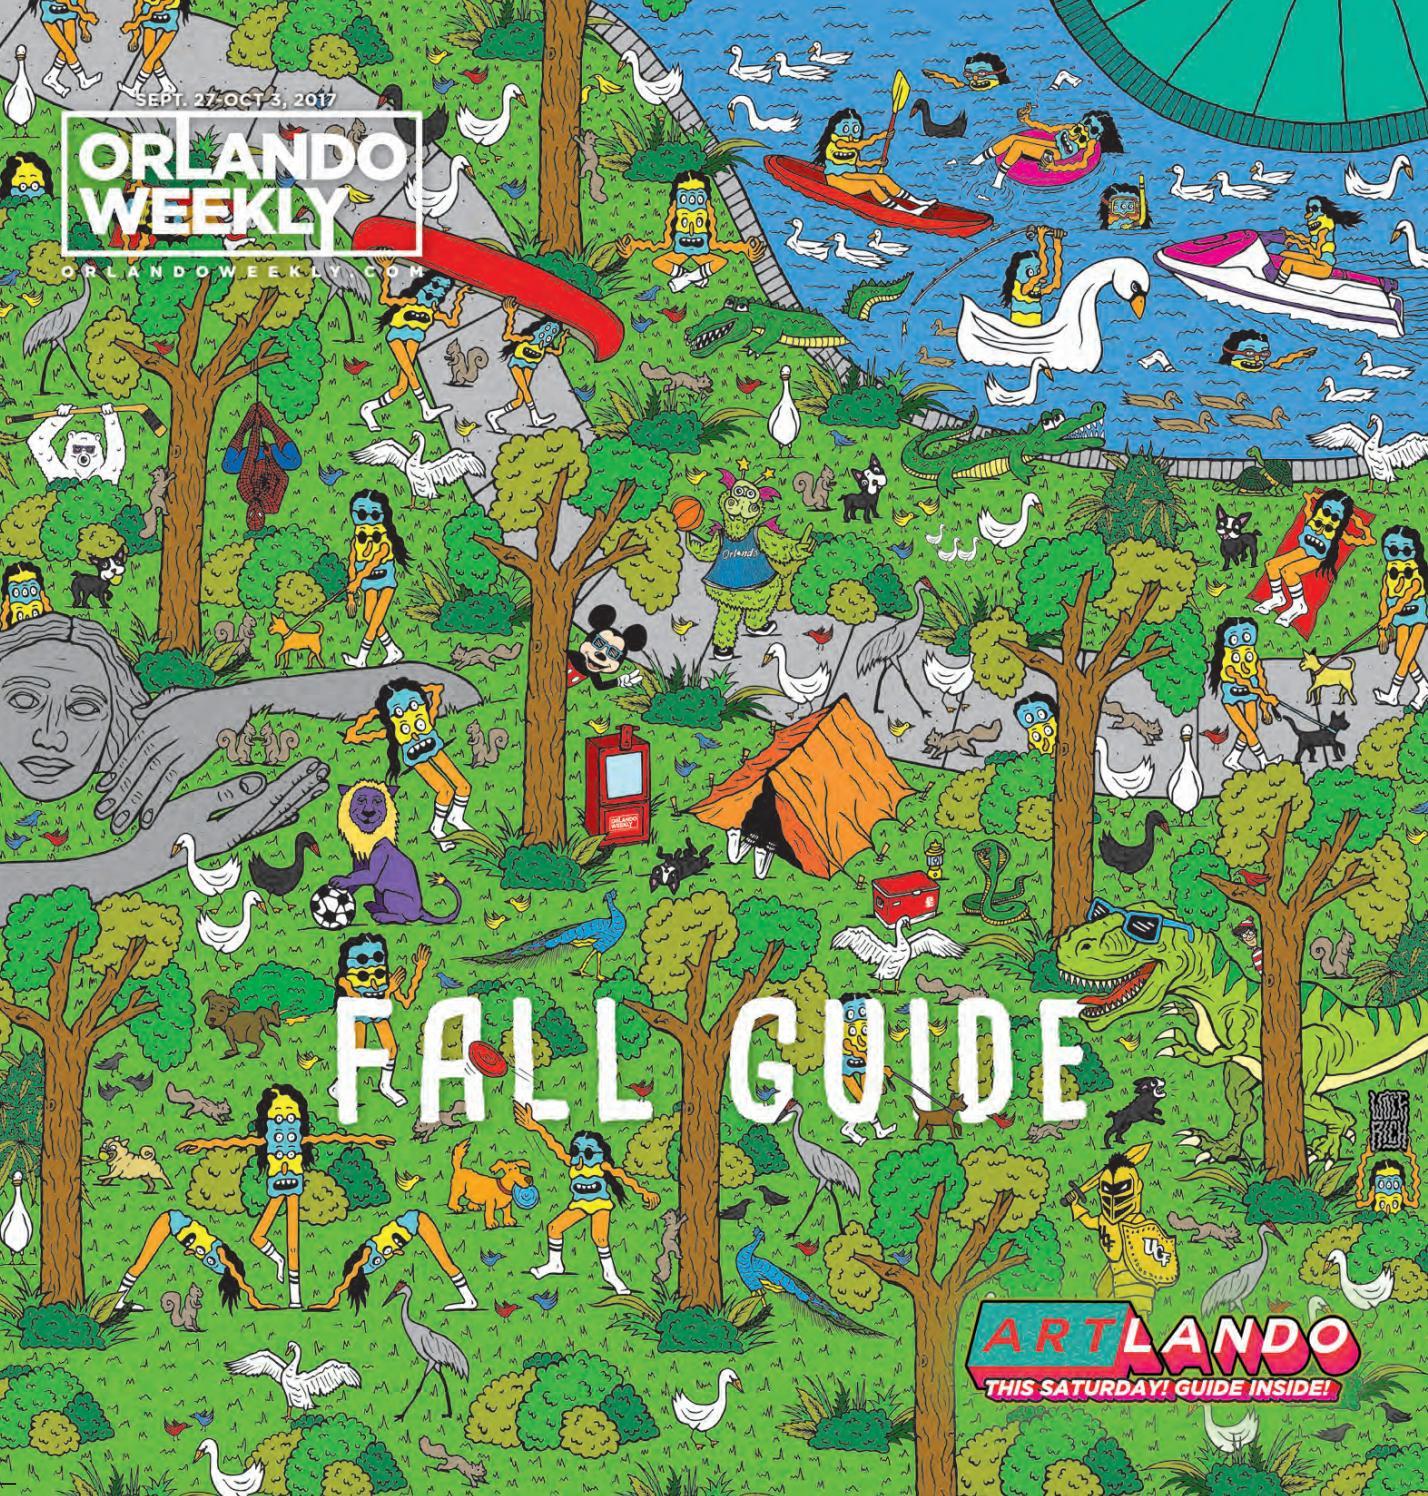 Orlando Weekly September 27 4e3246f3535f